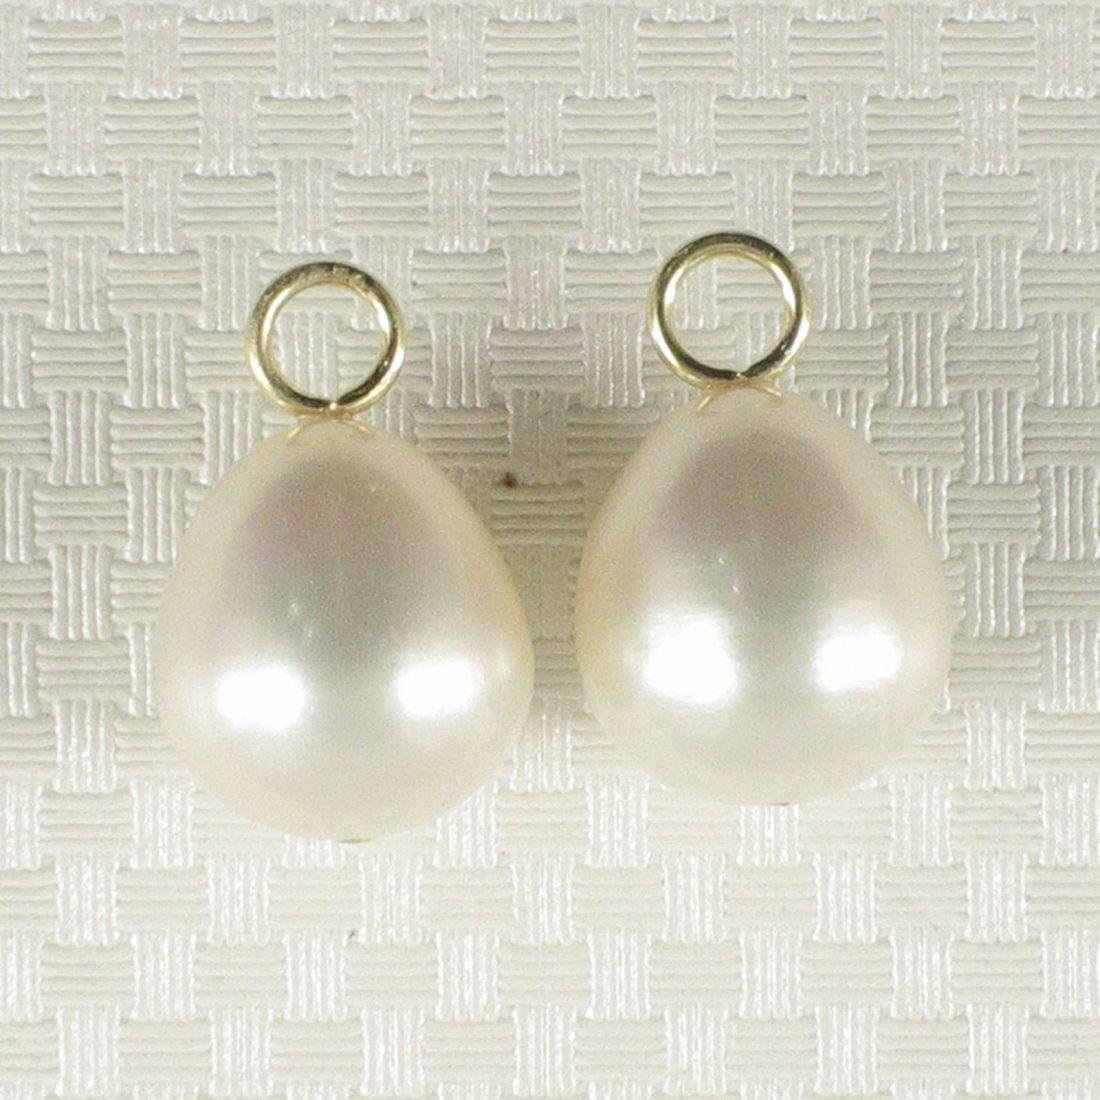 Ebay 9.5 - 10mm pearl drops